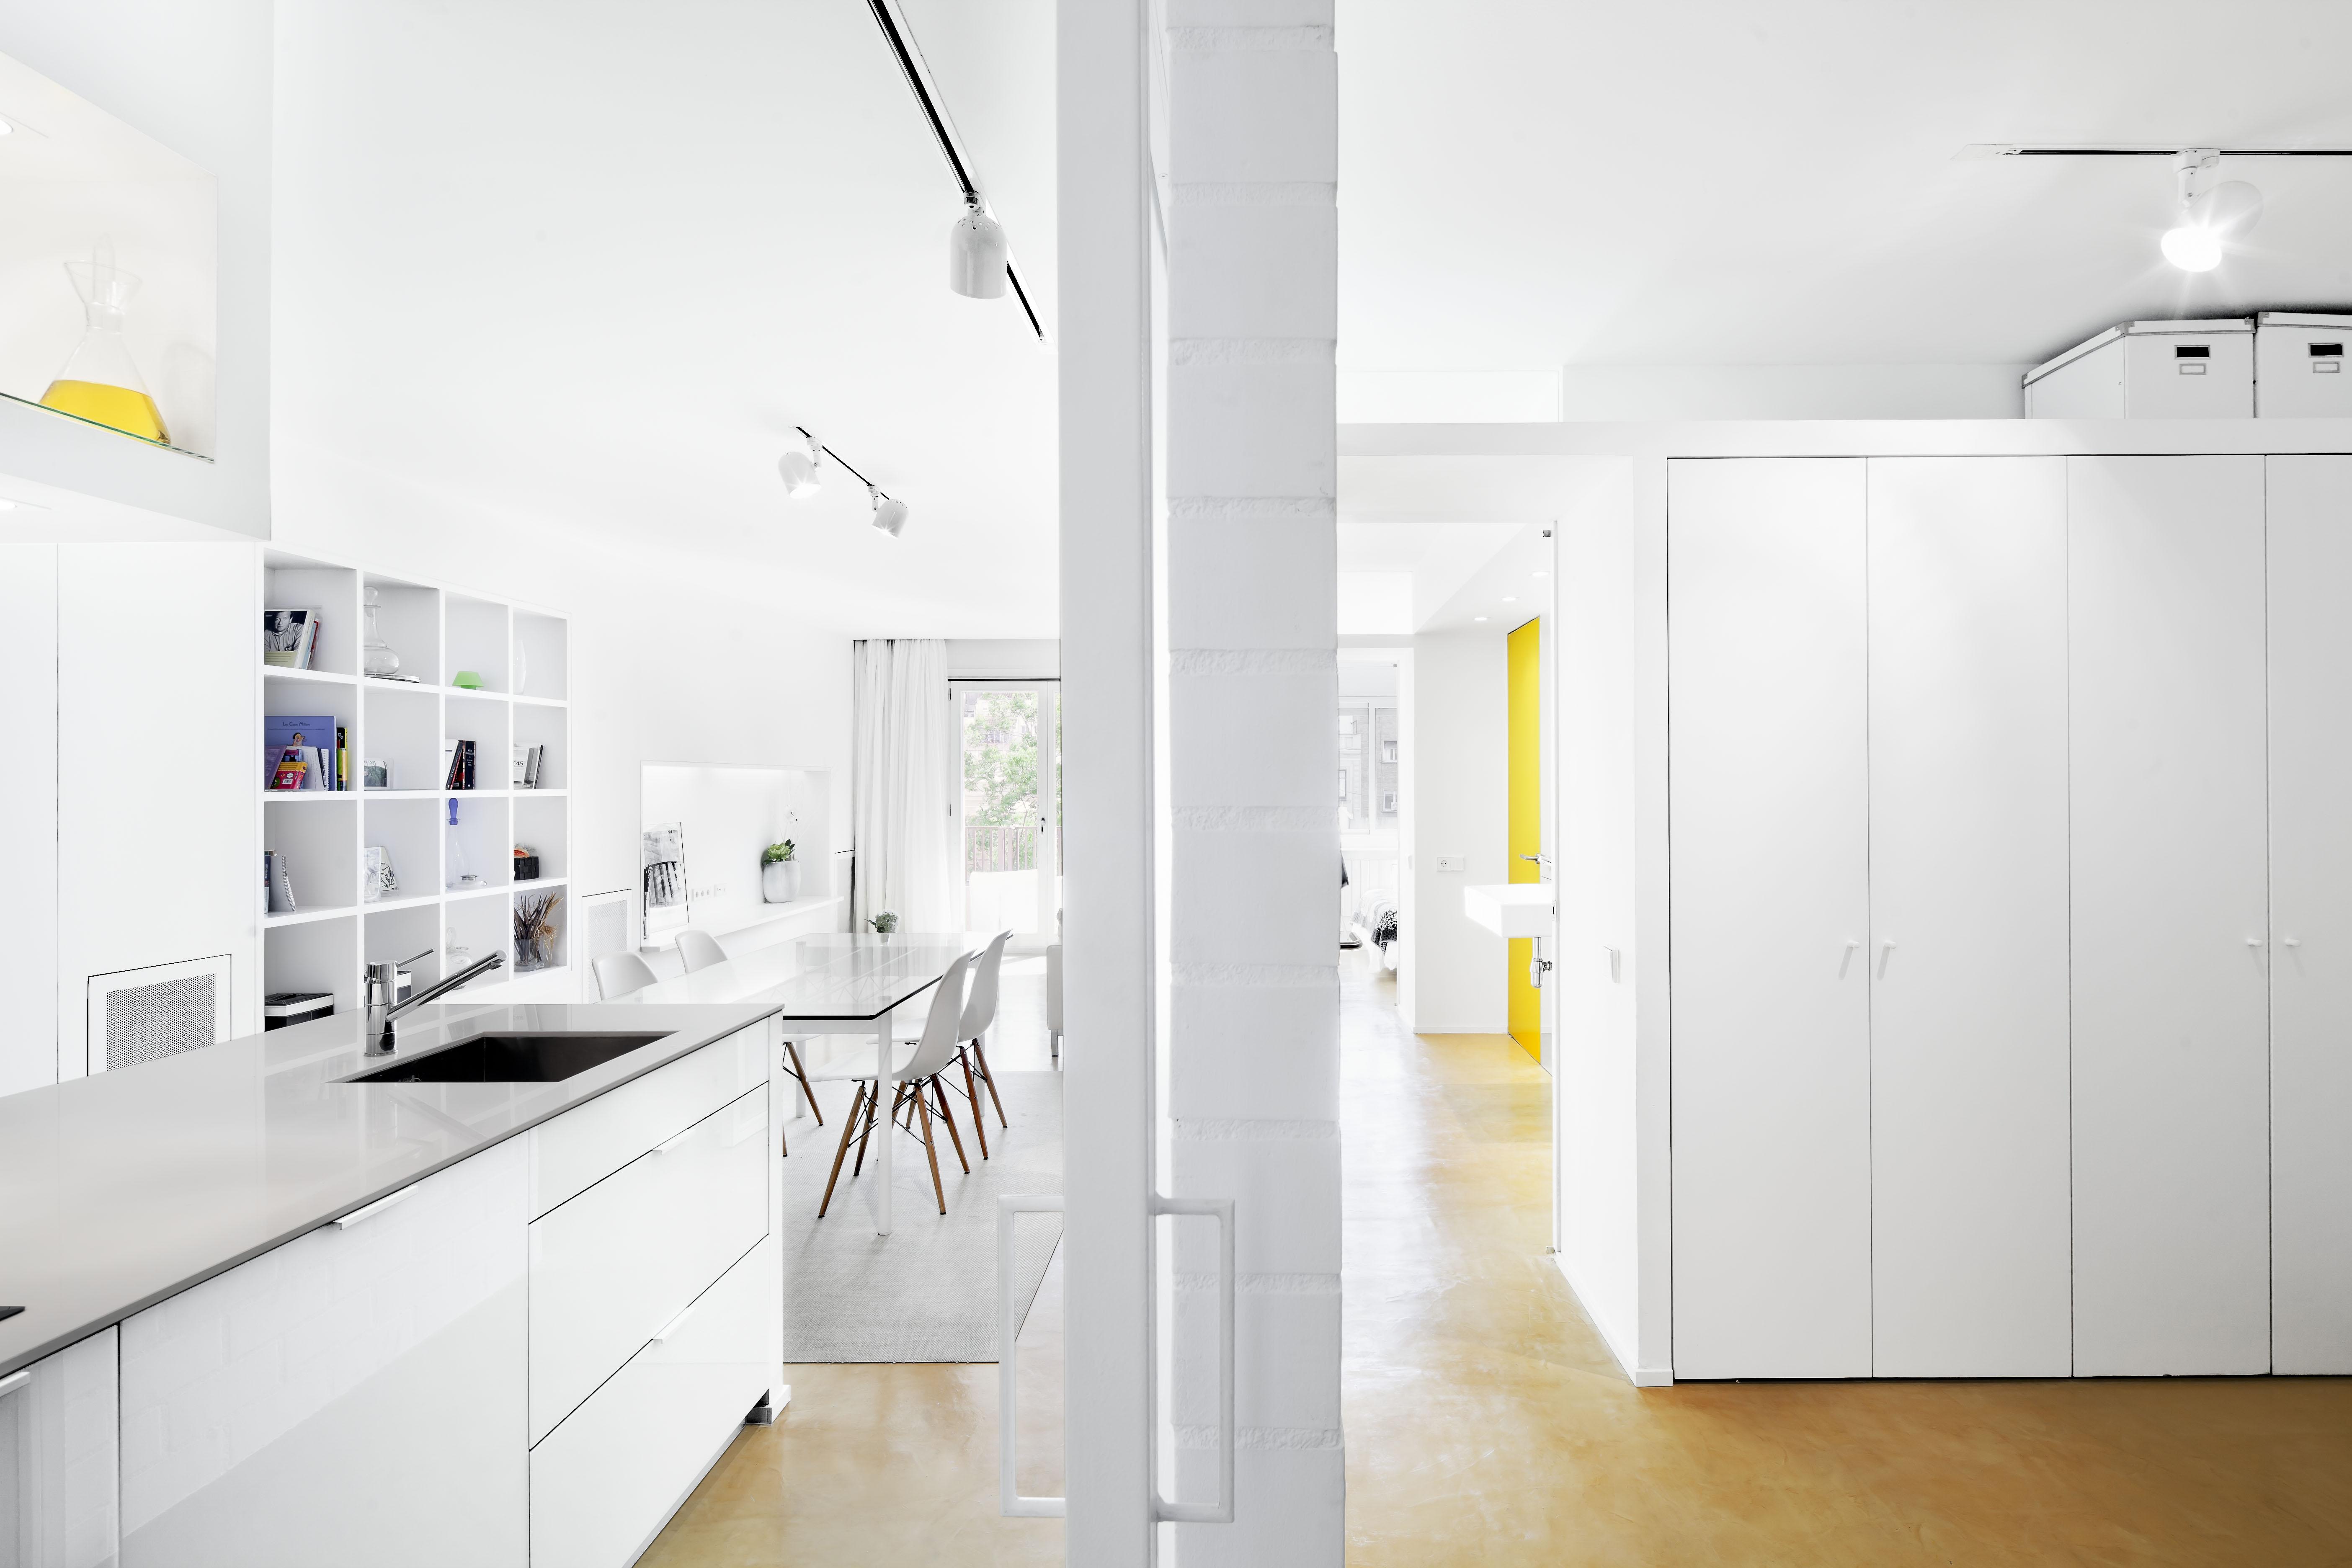 Apartamento com Veladuras / Sergio Pons, © Adrià Goula